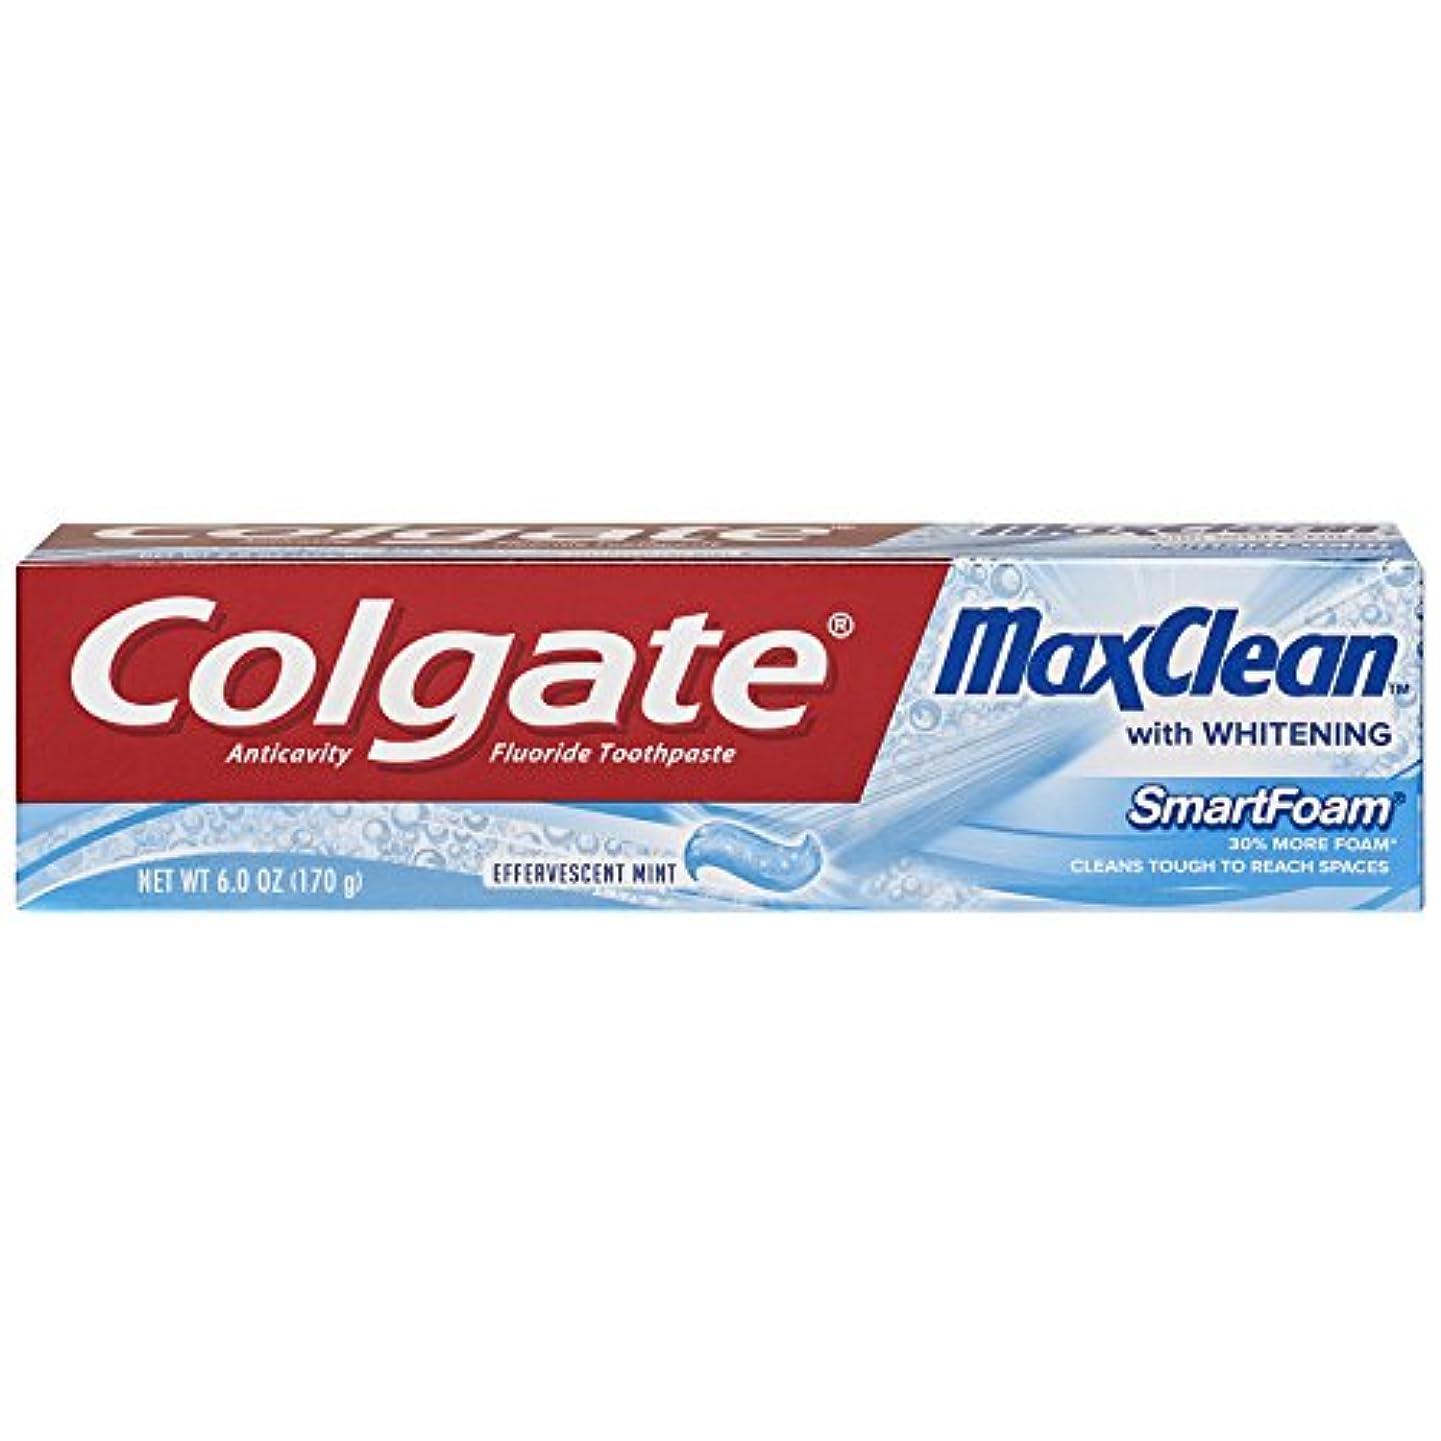 統合チケット上院Colgate ホワイトニング歯磨き、発泡ミント6オンスMaxclean SMARTFOAM(2パック)